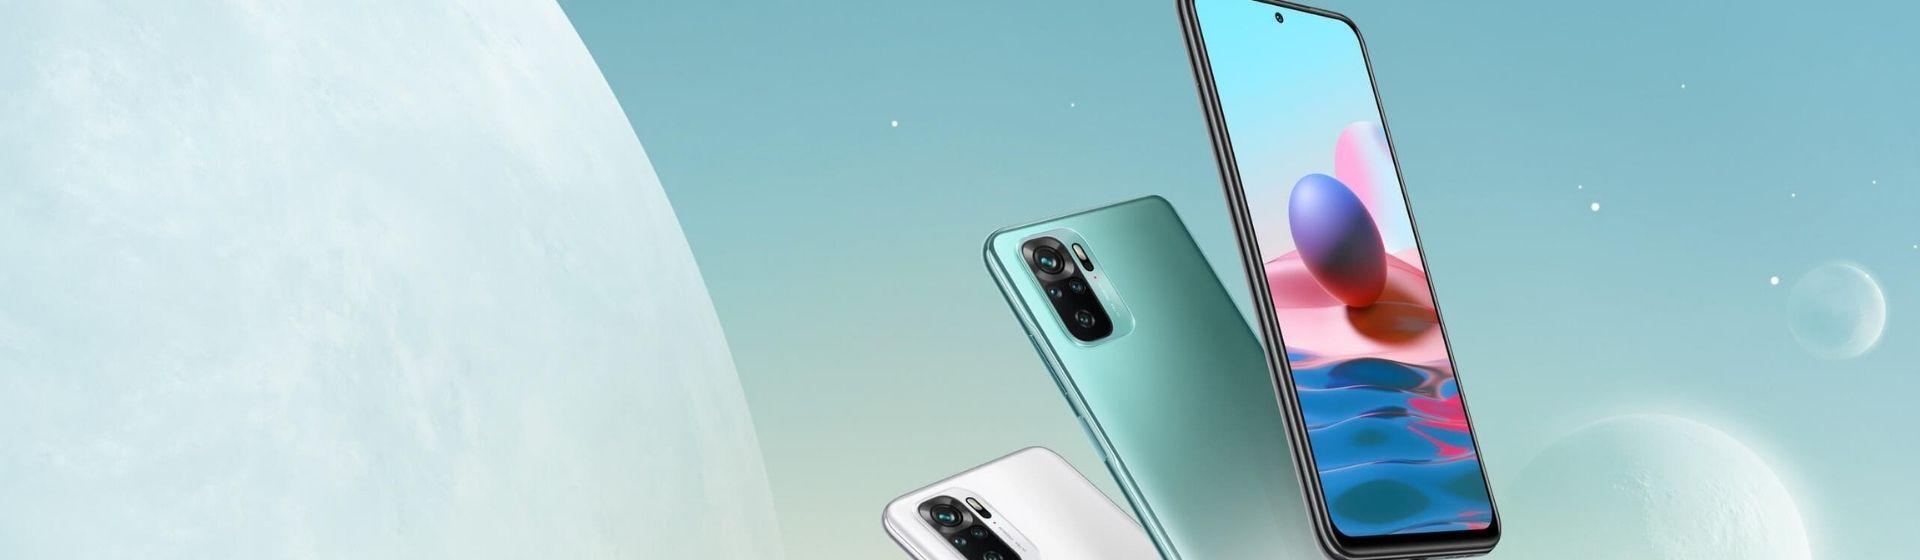 Xiaomi Redmi Note 10 é bom? Veja a análise de ficha técnica